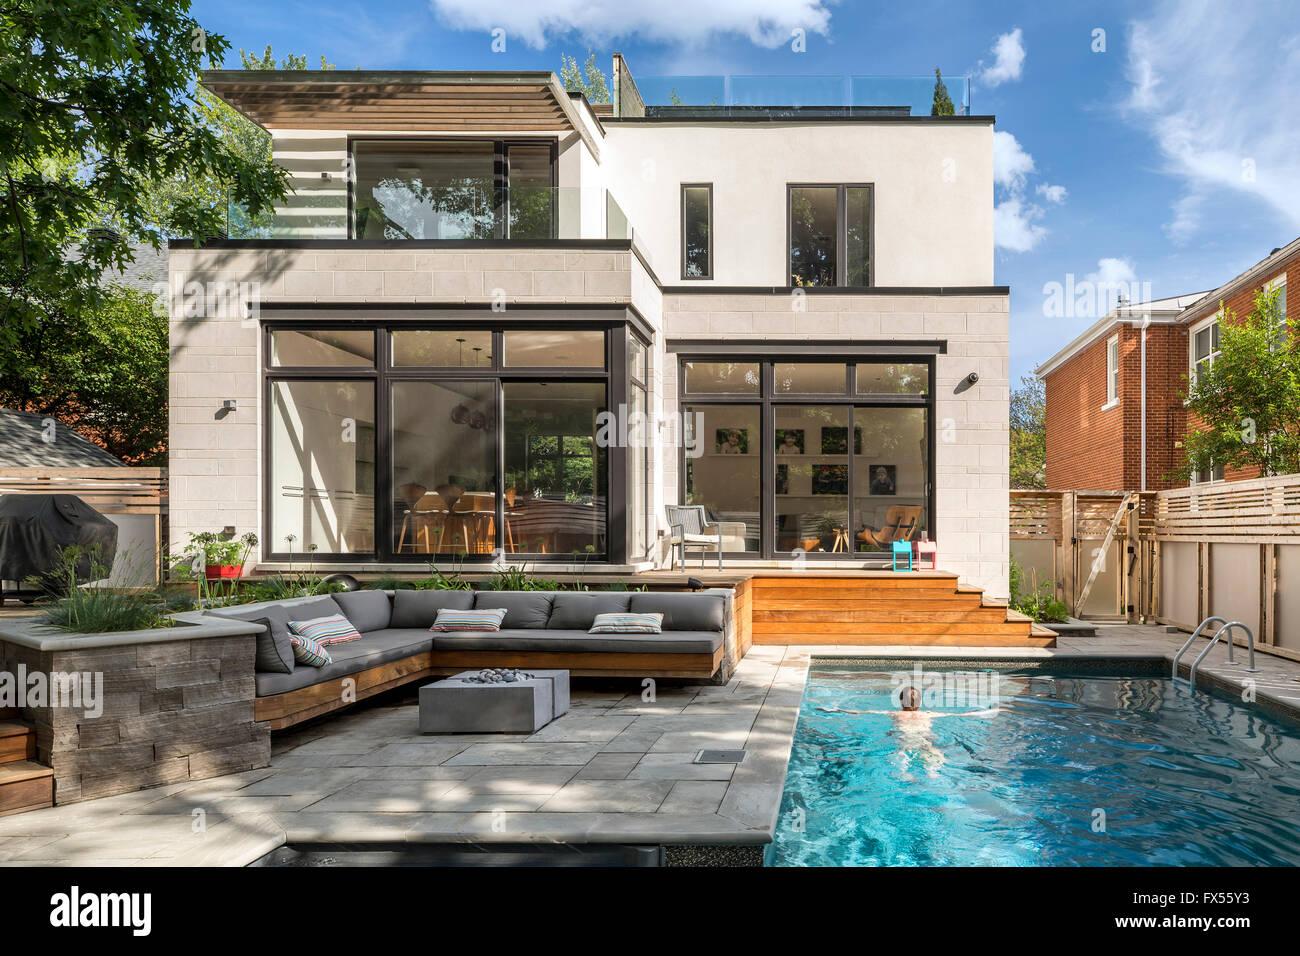 Backyard Architect Part - 37: Stock Photo - Swimming Pool And Backyard. Avenue Road Residence, Ottawa,  Canada. Architect: Jason Flynn Architect, 2015